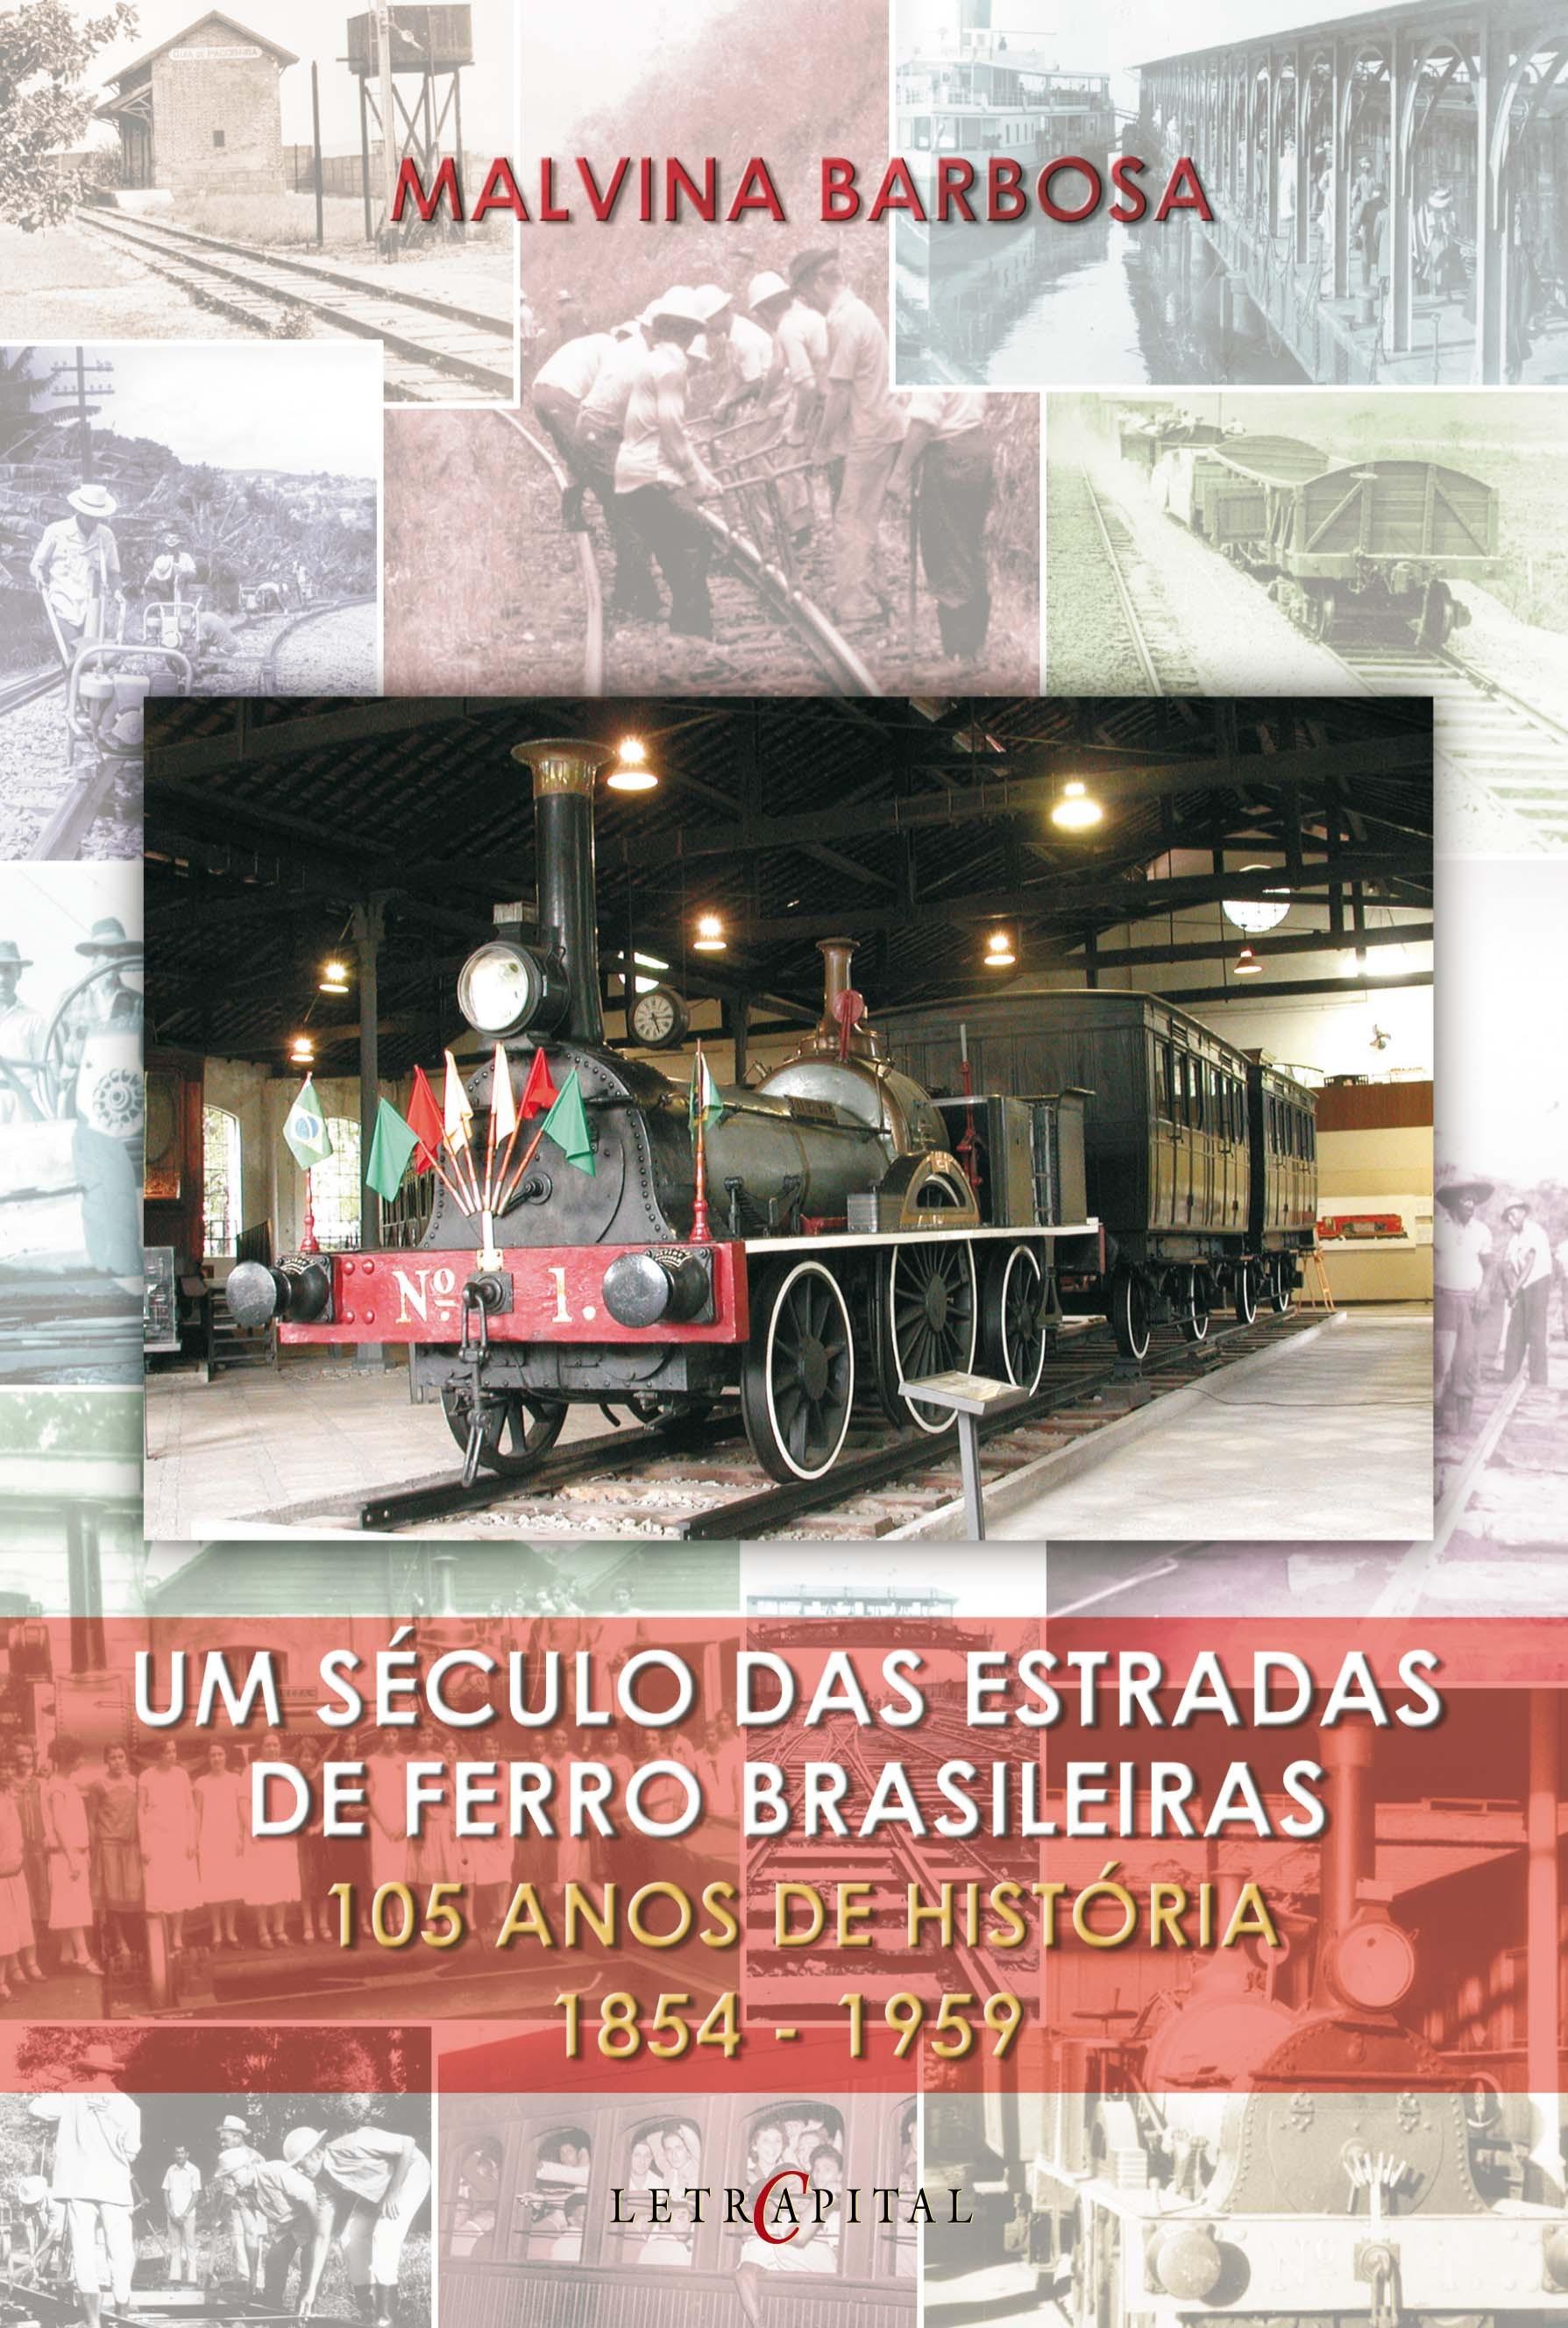 Um século das estradas de ferro brasileiras